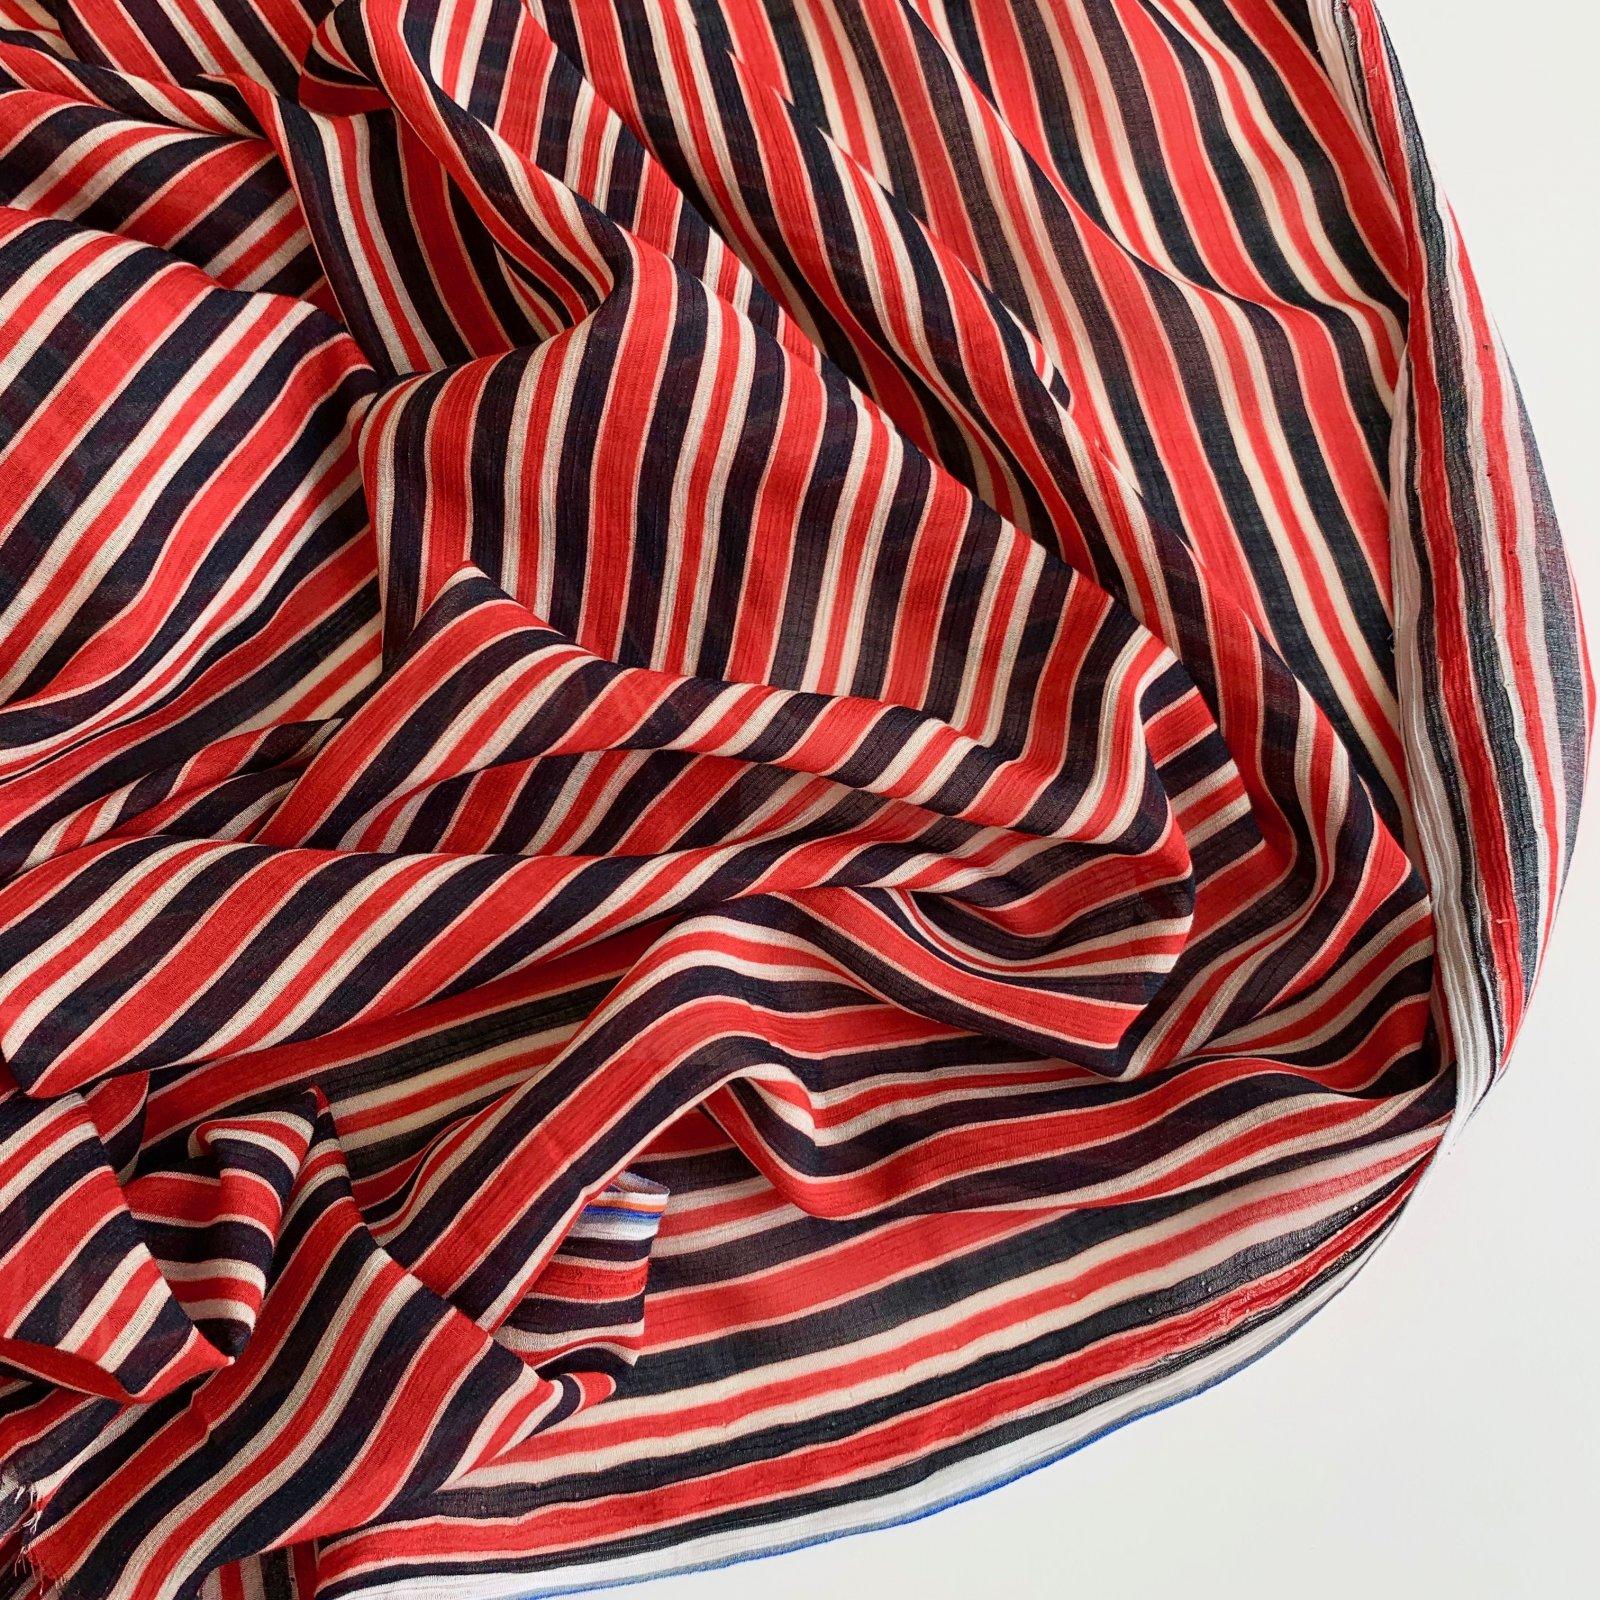 Designer Deadstock Italian Crinkled Sheer Silk Chiffon 50